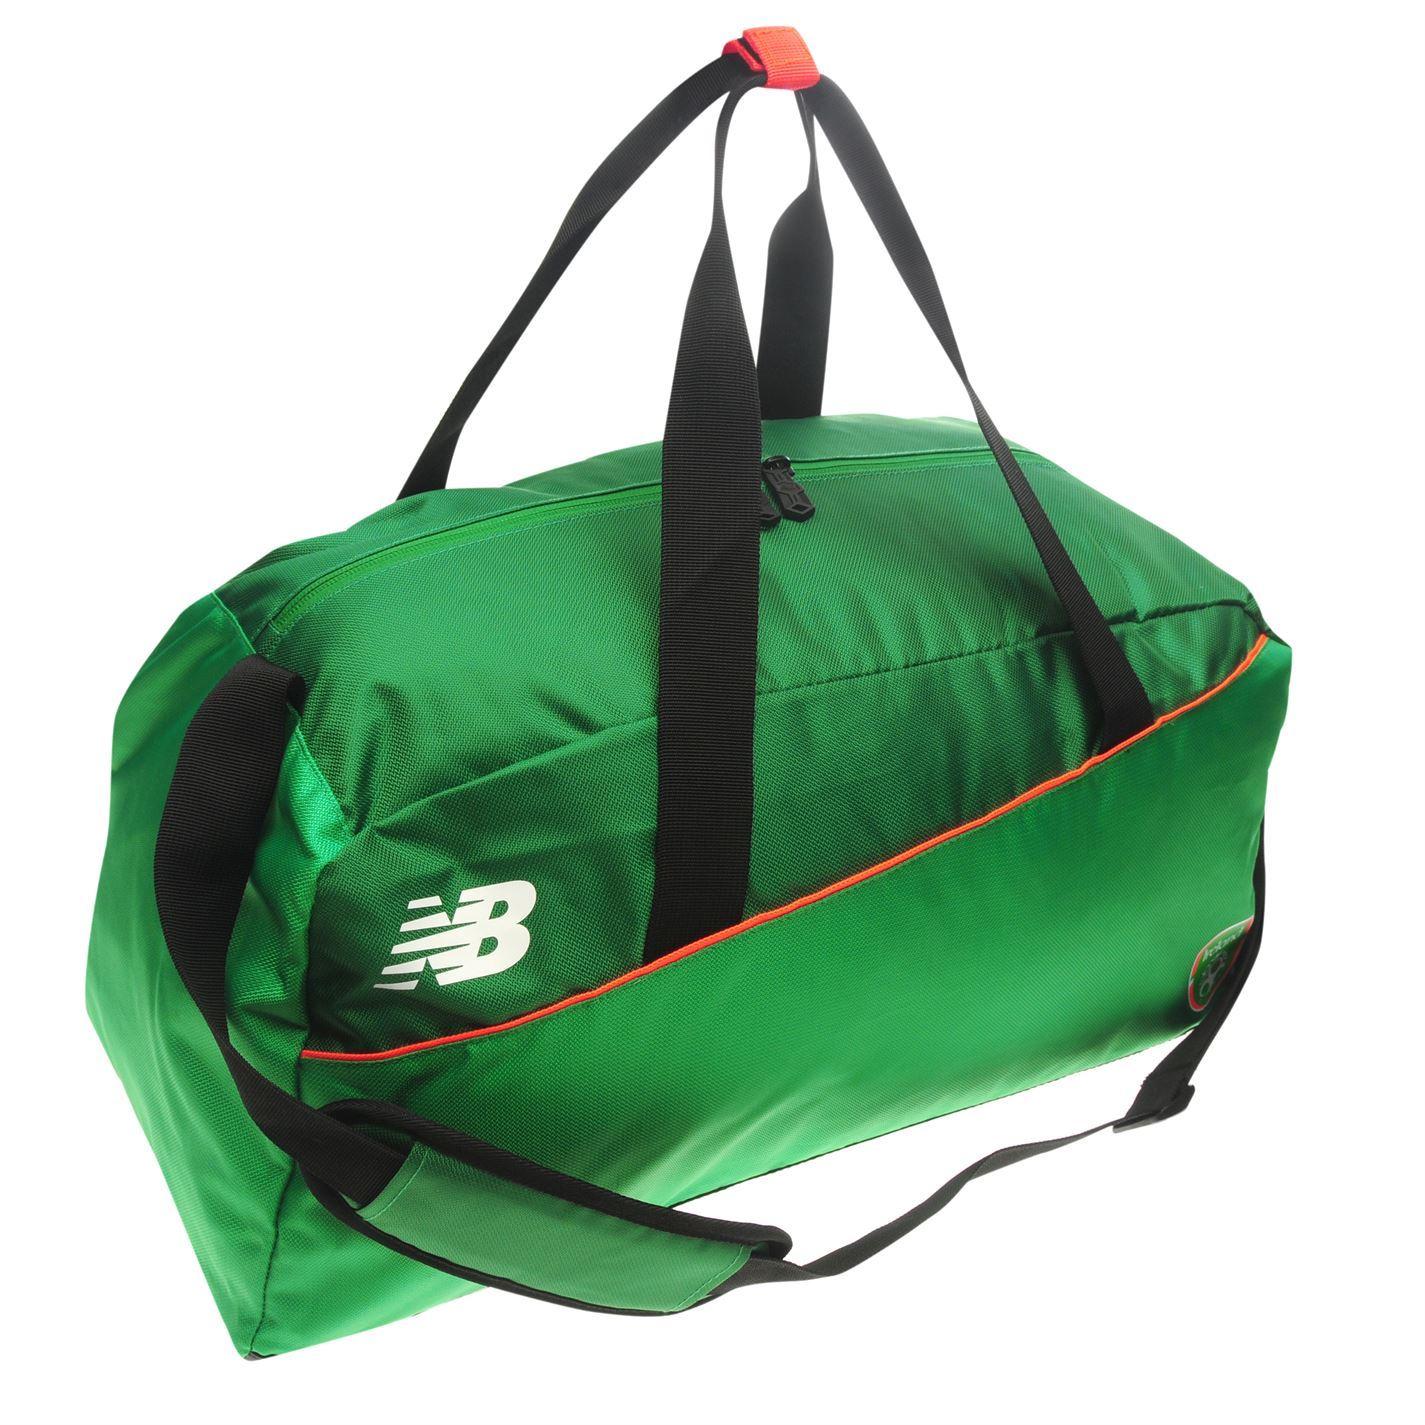 New Balance Ireland Football Bags Holdall Backpack Bootbag Rucksack ... a3484d3674de6